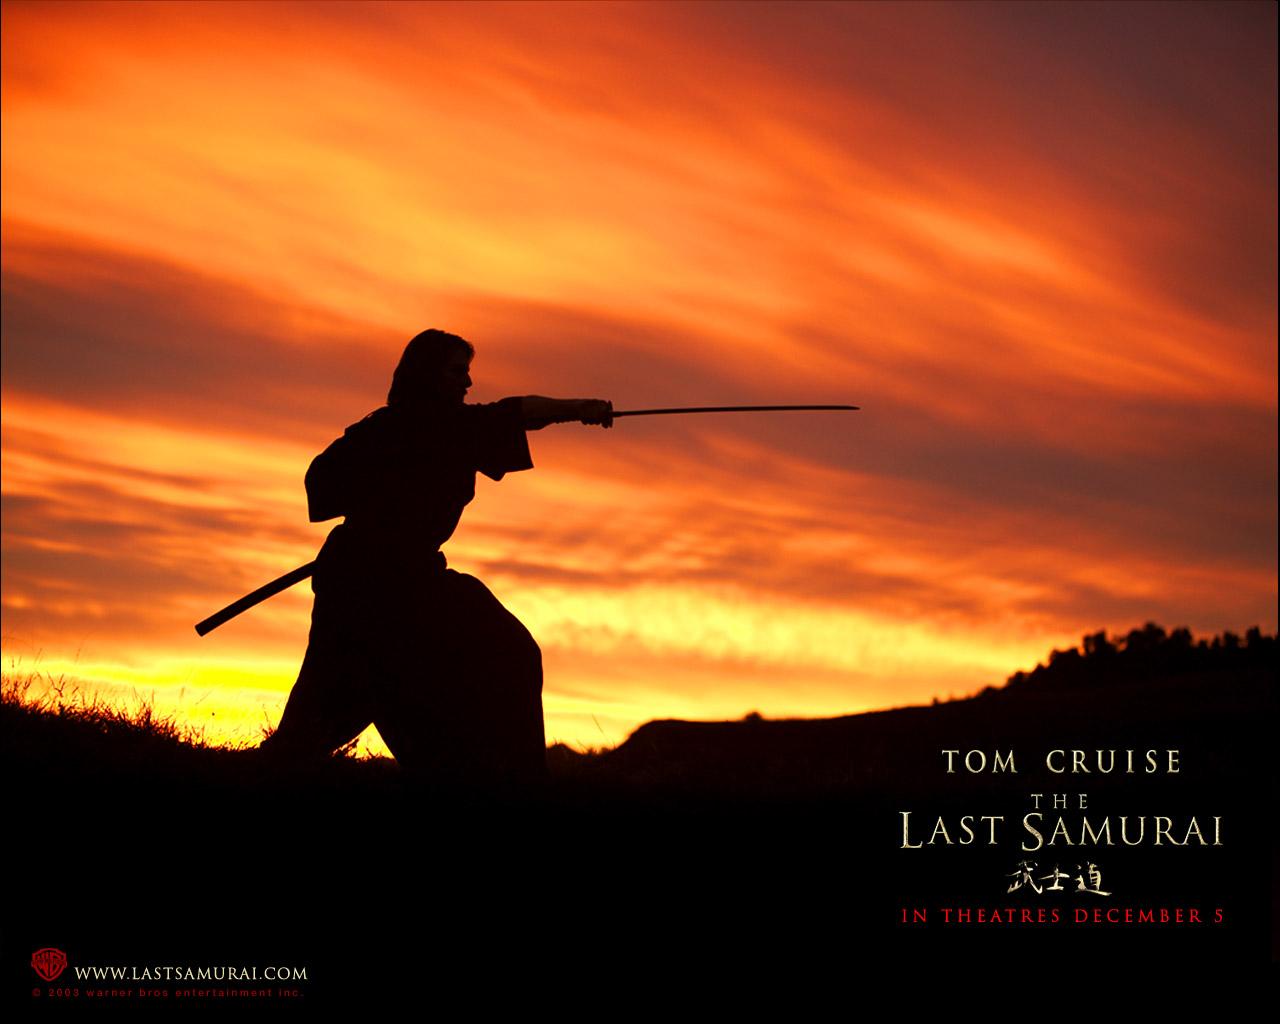 http://4.bp.blogspot.com/_pb_vVdGxU1Q/TUzpiZcmaDI/AAAAAAAAABQ/ZGTOsMryx-0/s1600/the_last_samurai_7.jpg